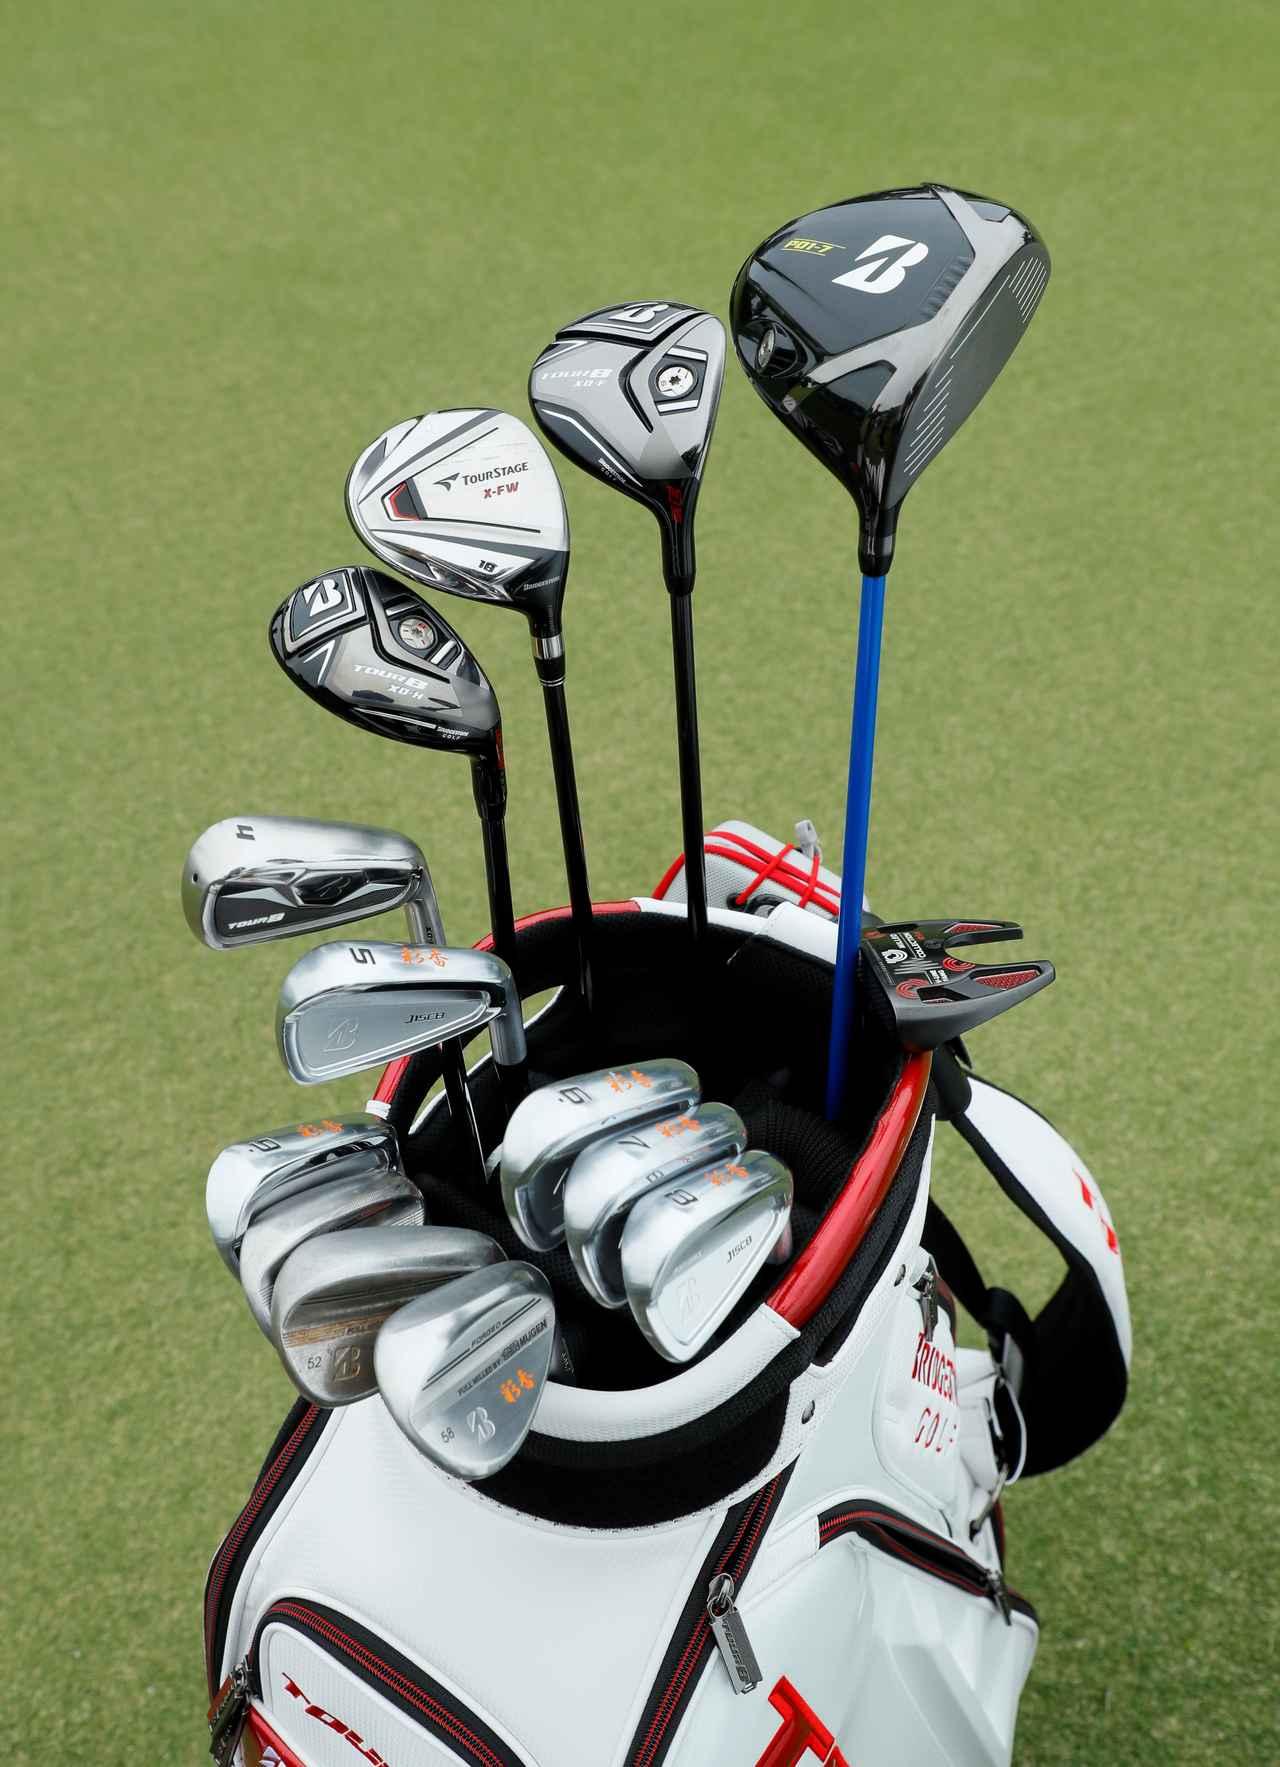 画像: 「飛ばし」と「正確性」両方を重視した。渡邉彩香の14本 - みんなのゴルフダイジェスト